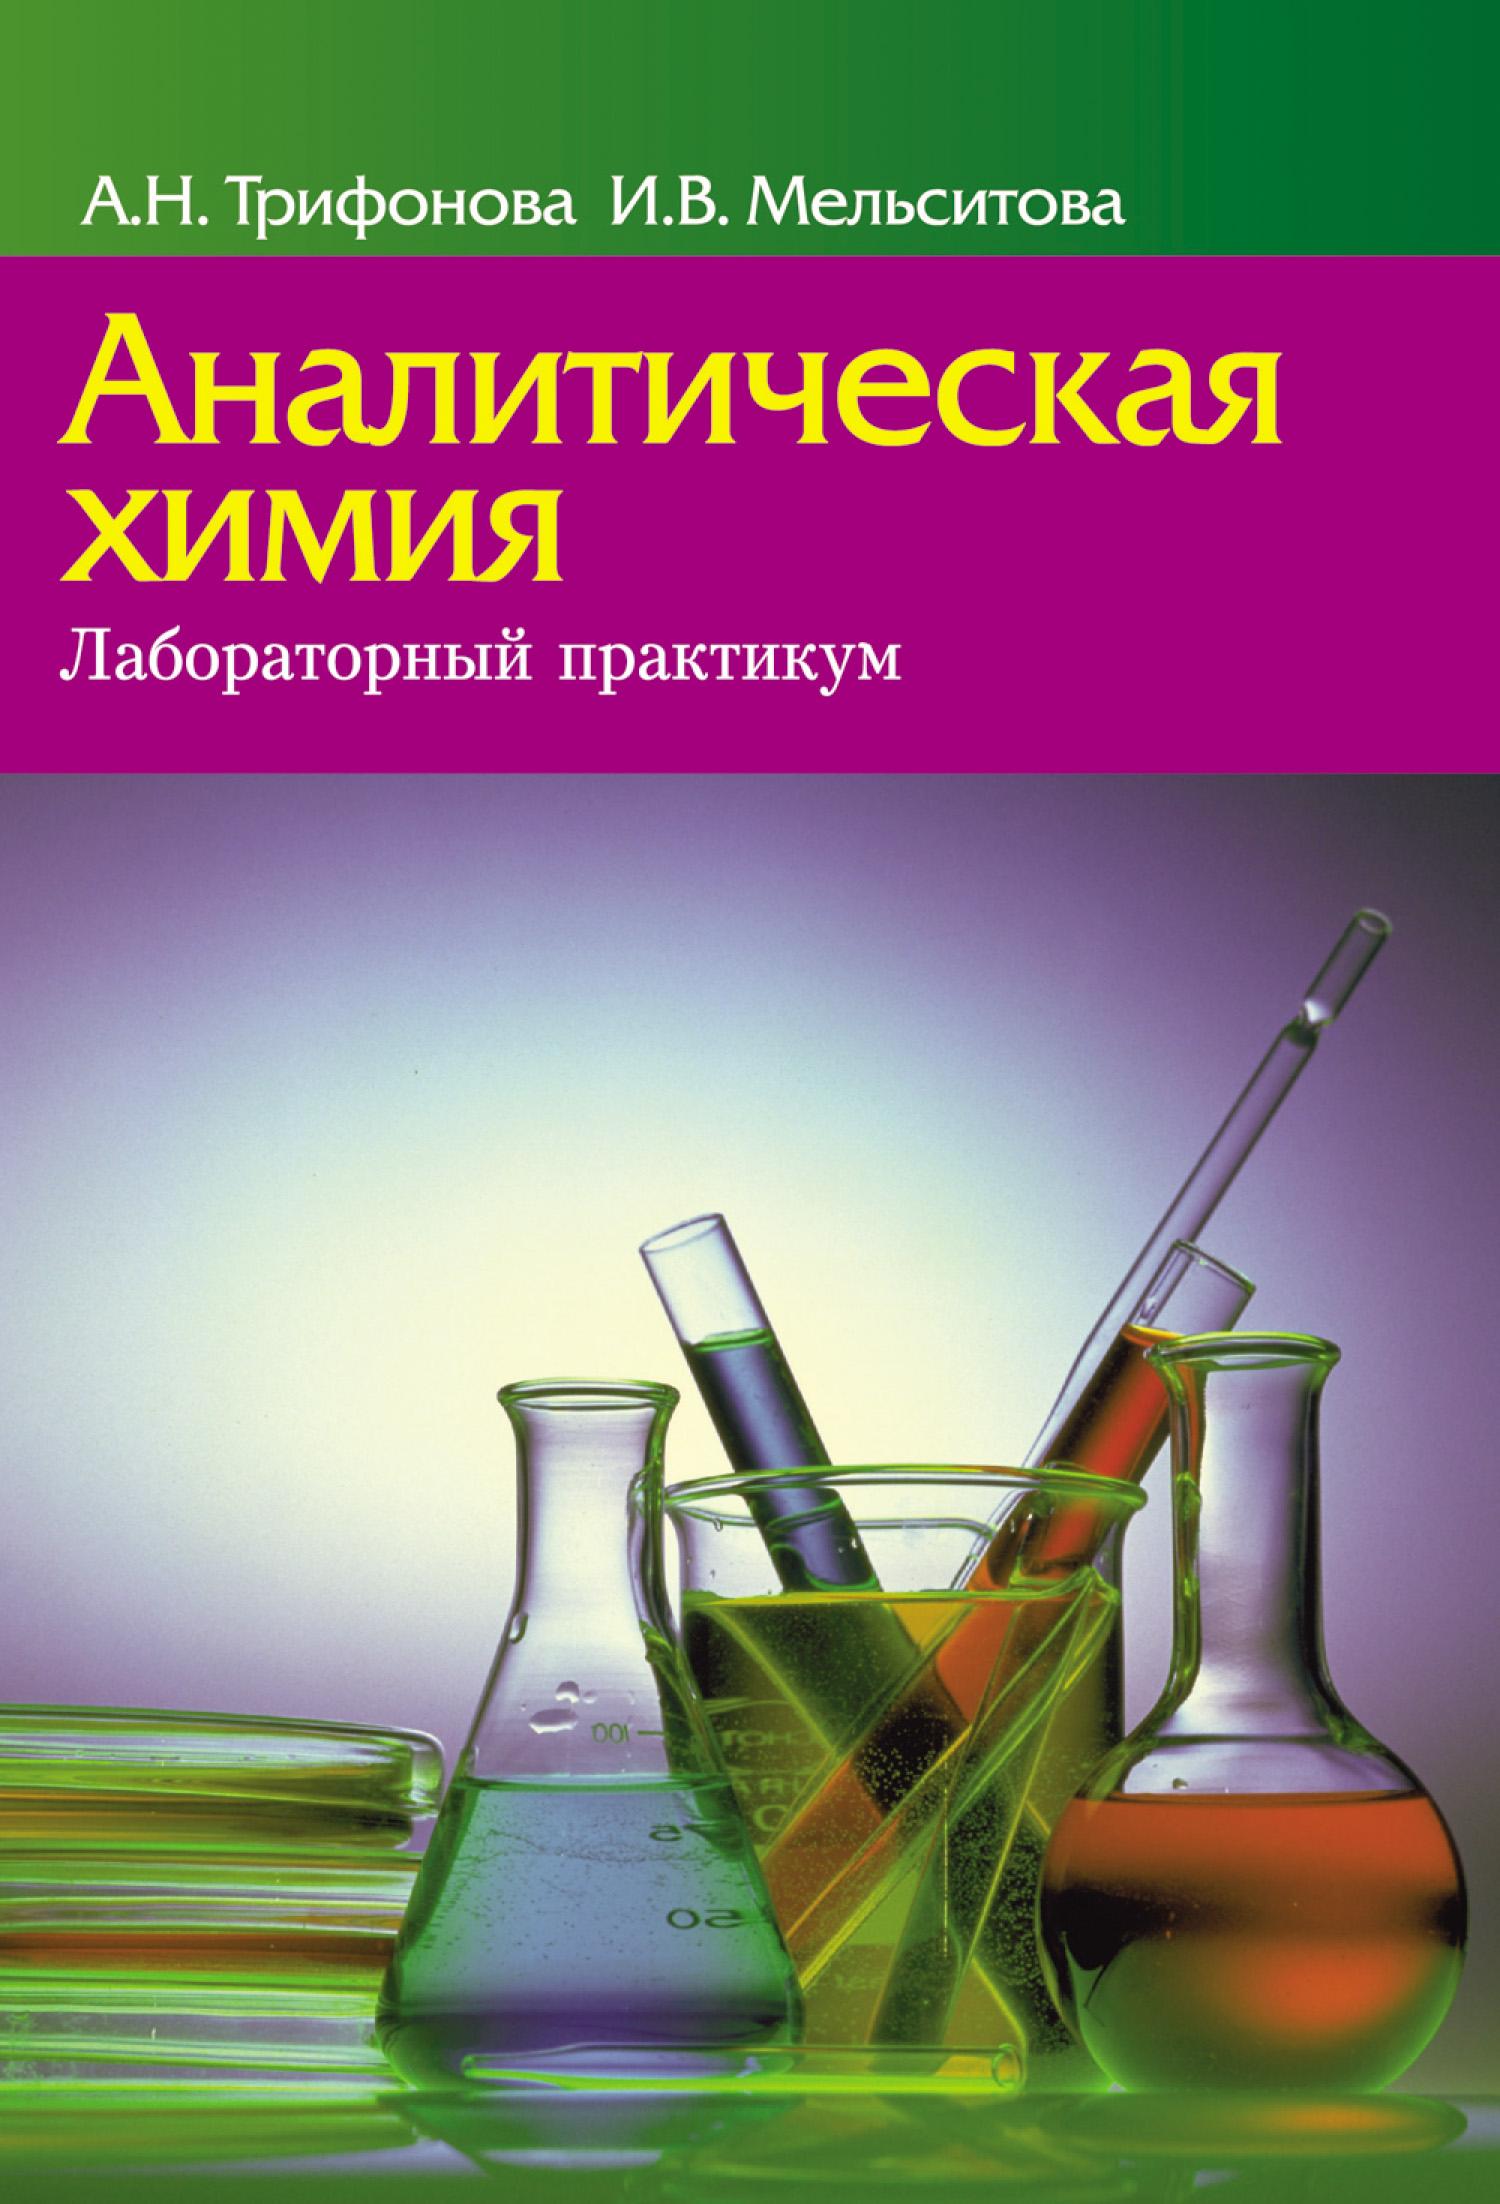 А. Н. Трифонова Аналитическая химия. Лабораторный практикум трифонова